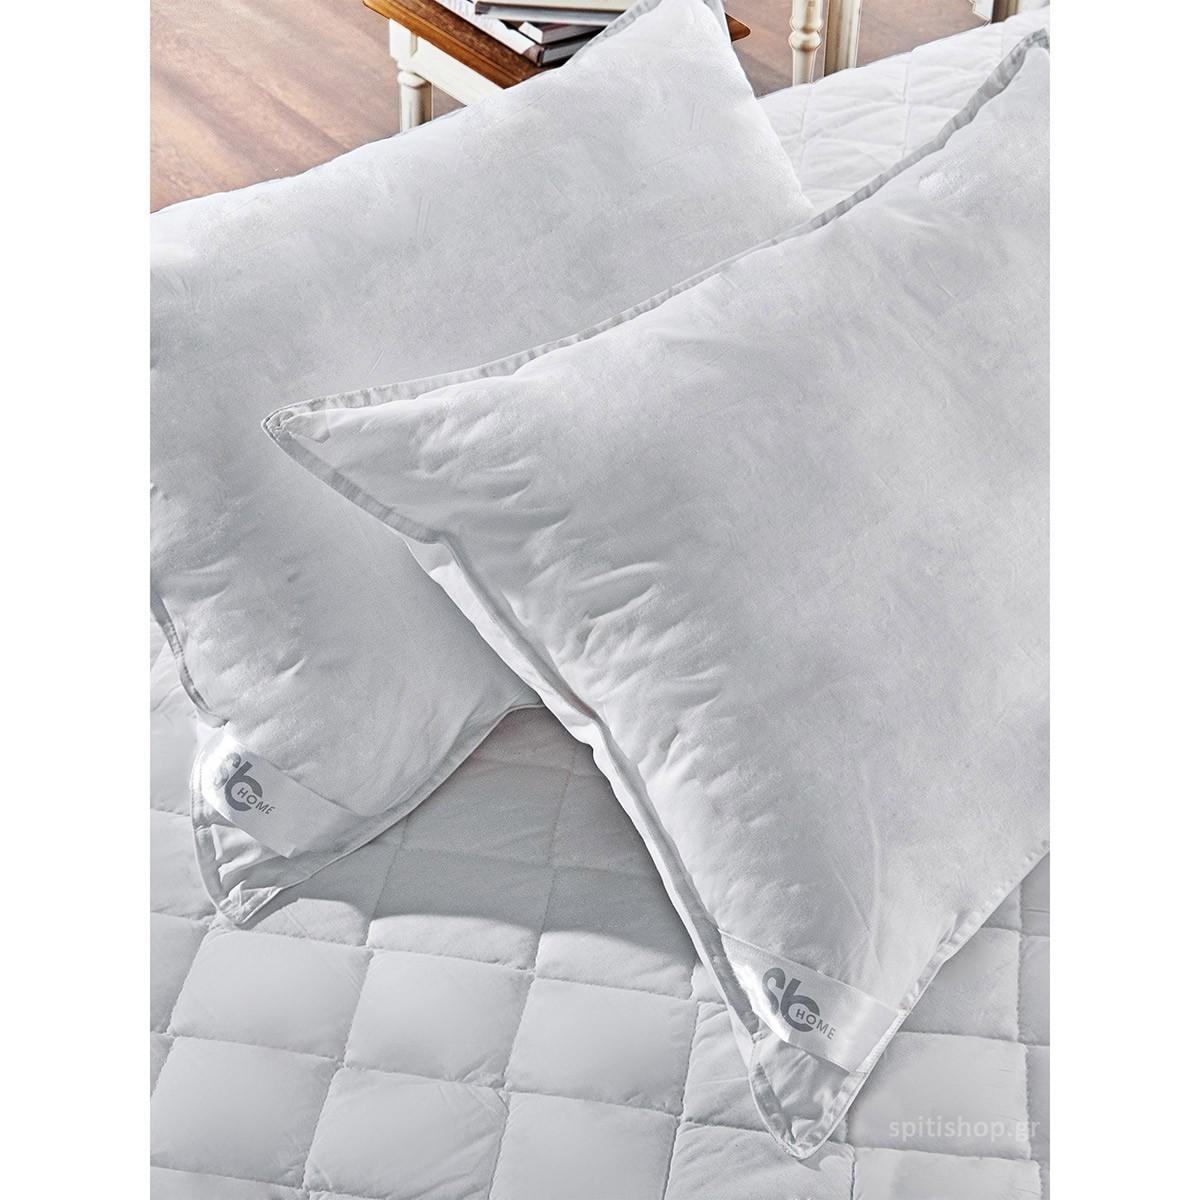 Μαξιλάρι Ύπνου Sb Home Madison